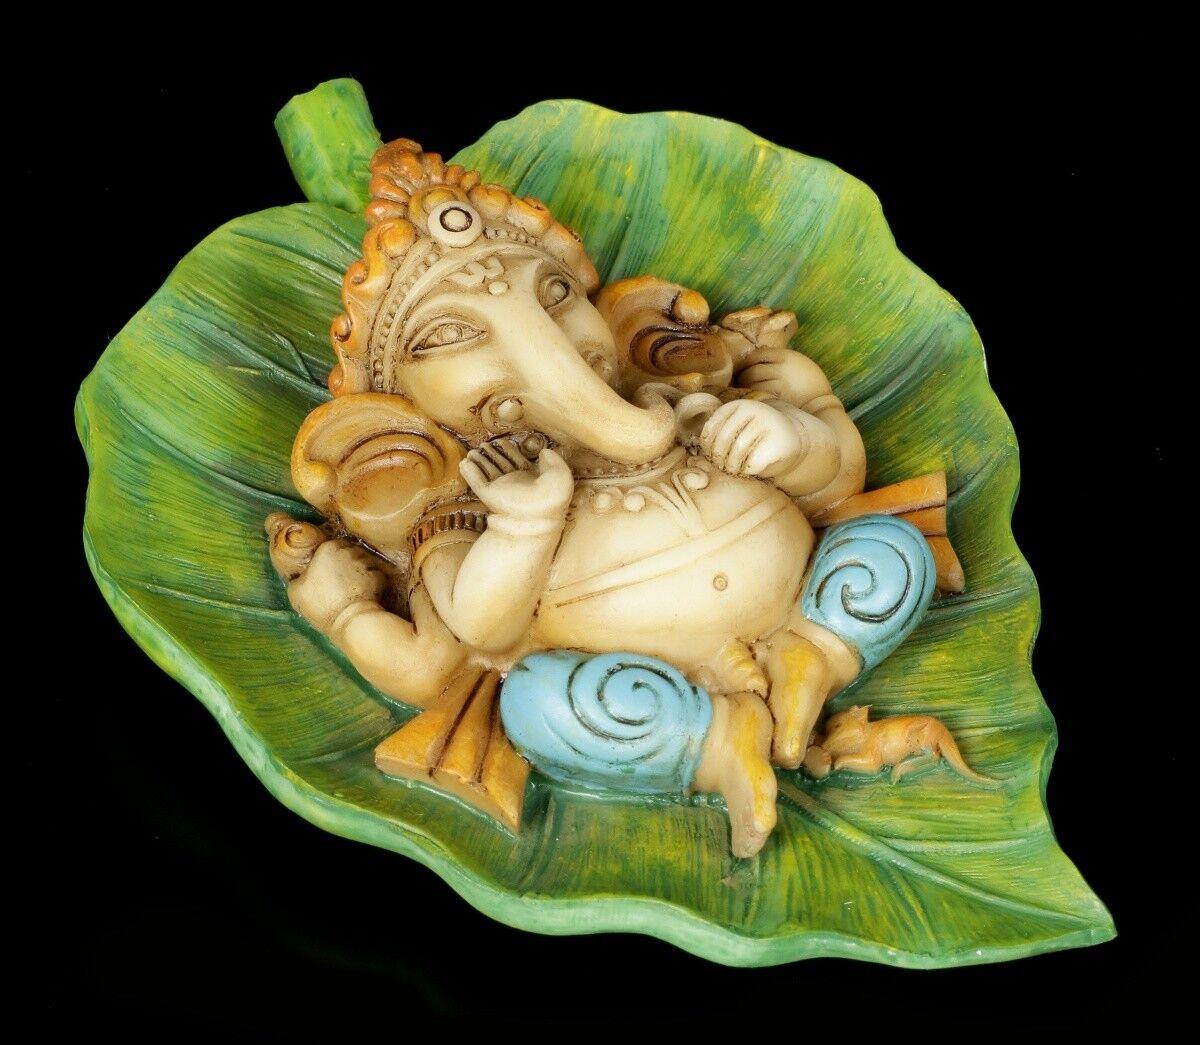 Ganesha Figur auf Buddhabaum Blatt - Fantasy Indische Gottheit Dekostatue